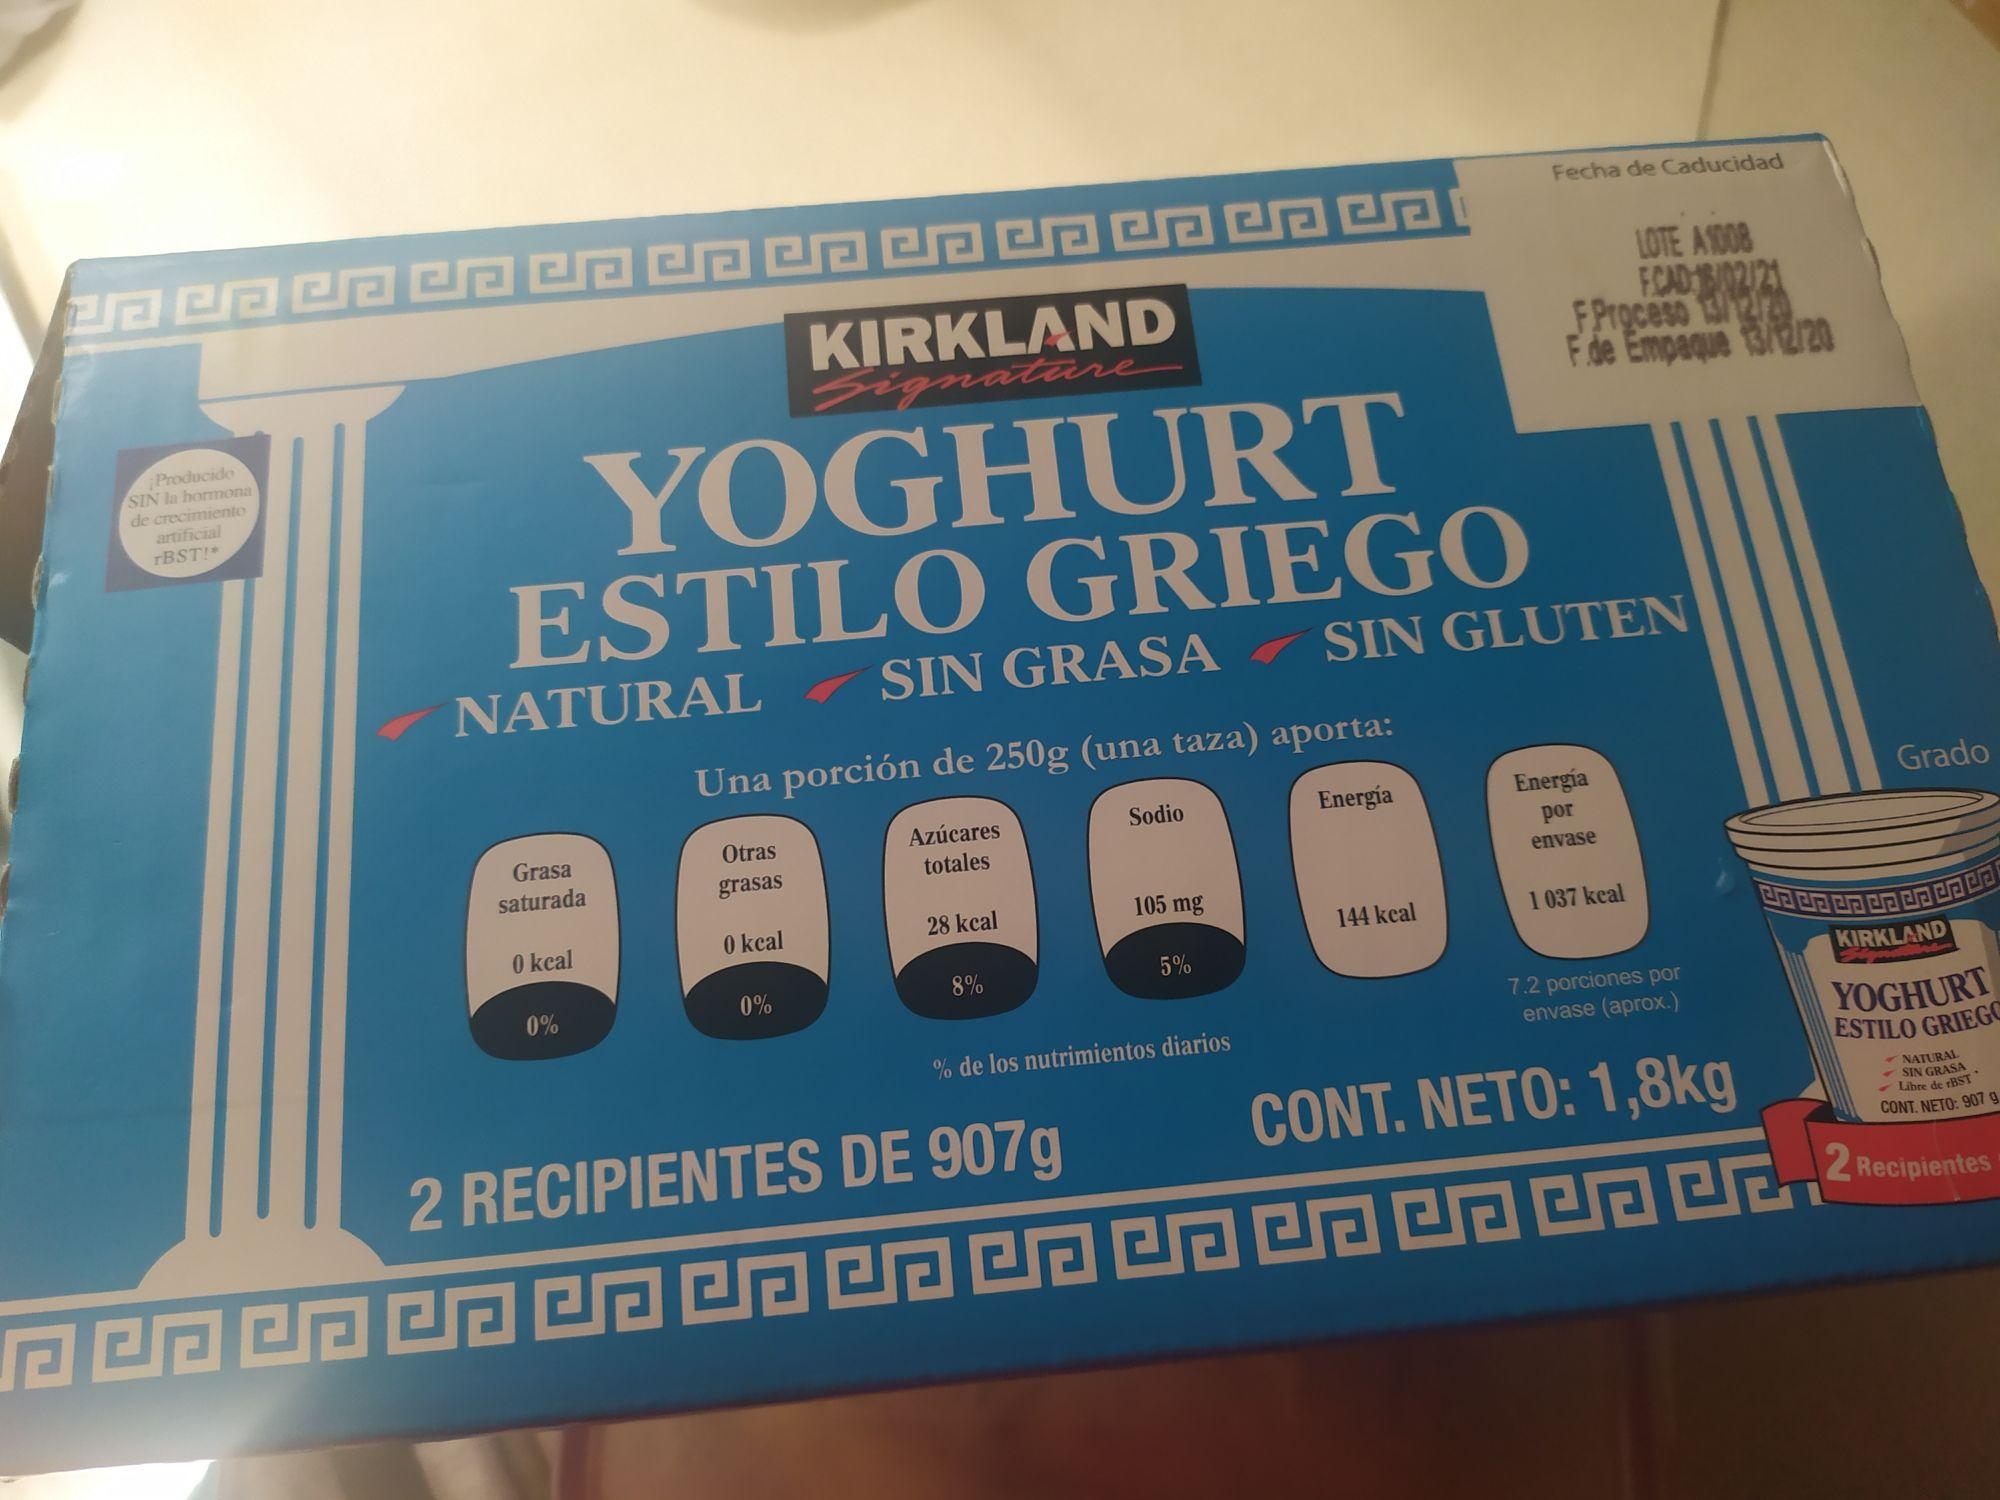 Costco: Yoghurt griego Kirkland